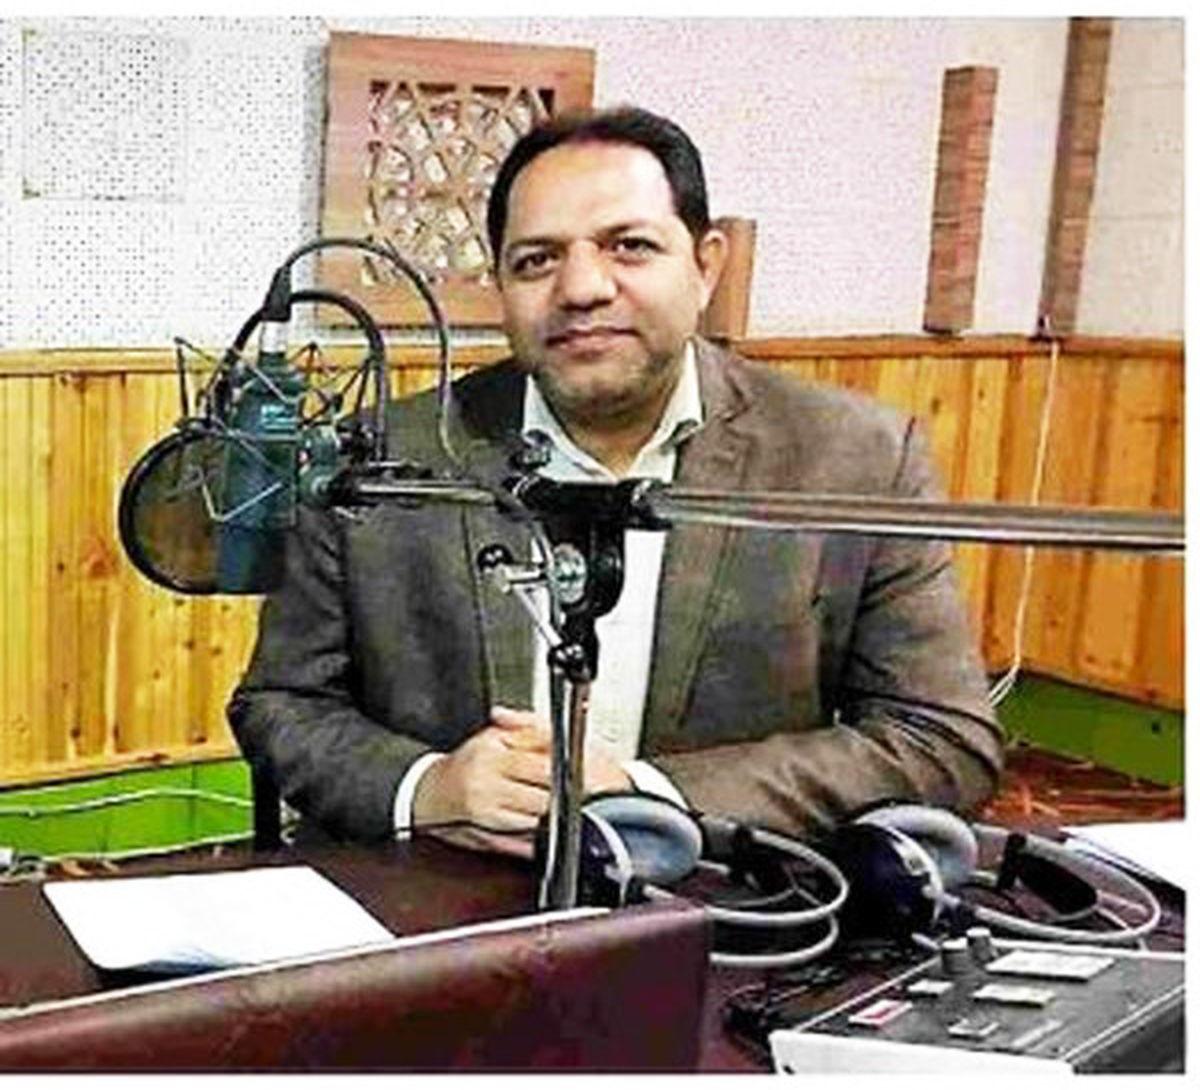 گوینده صلاهظهر رادیو کرمانشاه آسمانی شد